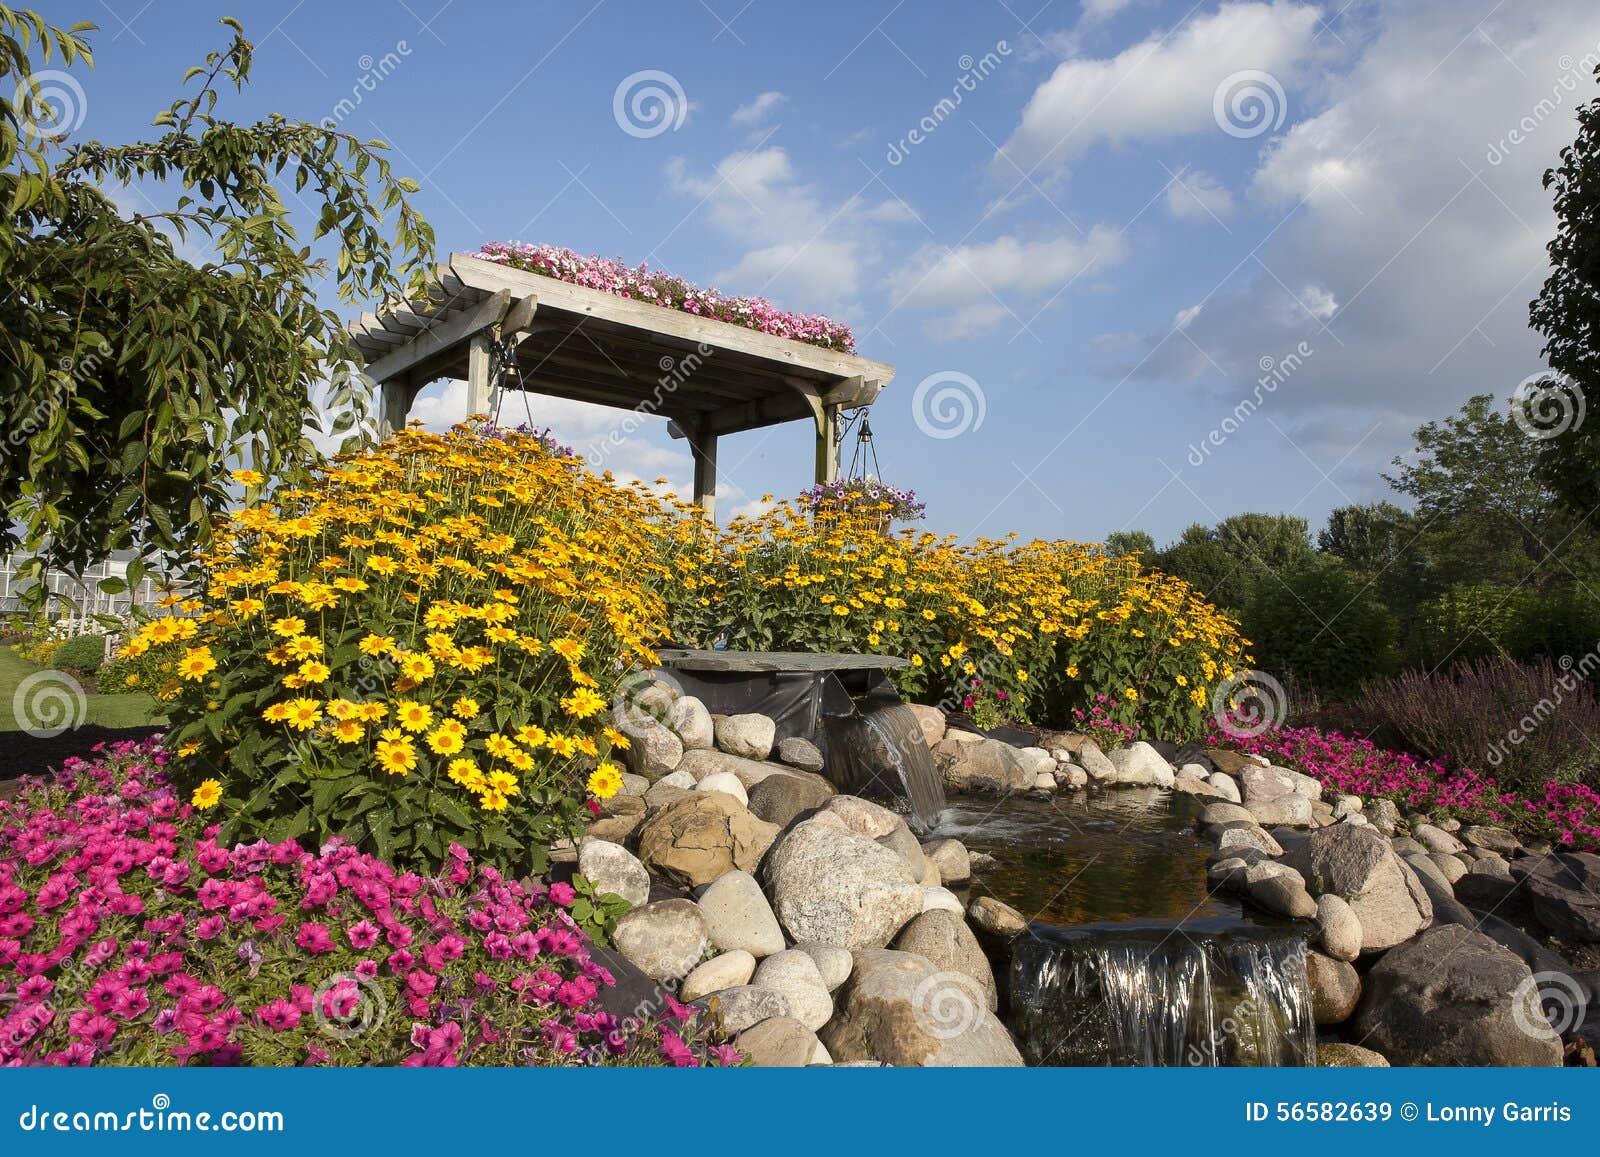 garten blumen und pergola mit hellem blauem himmel stockbild bild 56582639. Black Bedroom Furniture Sets. Home Design Ideas